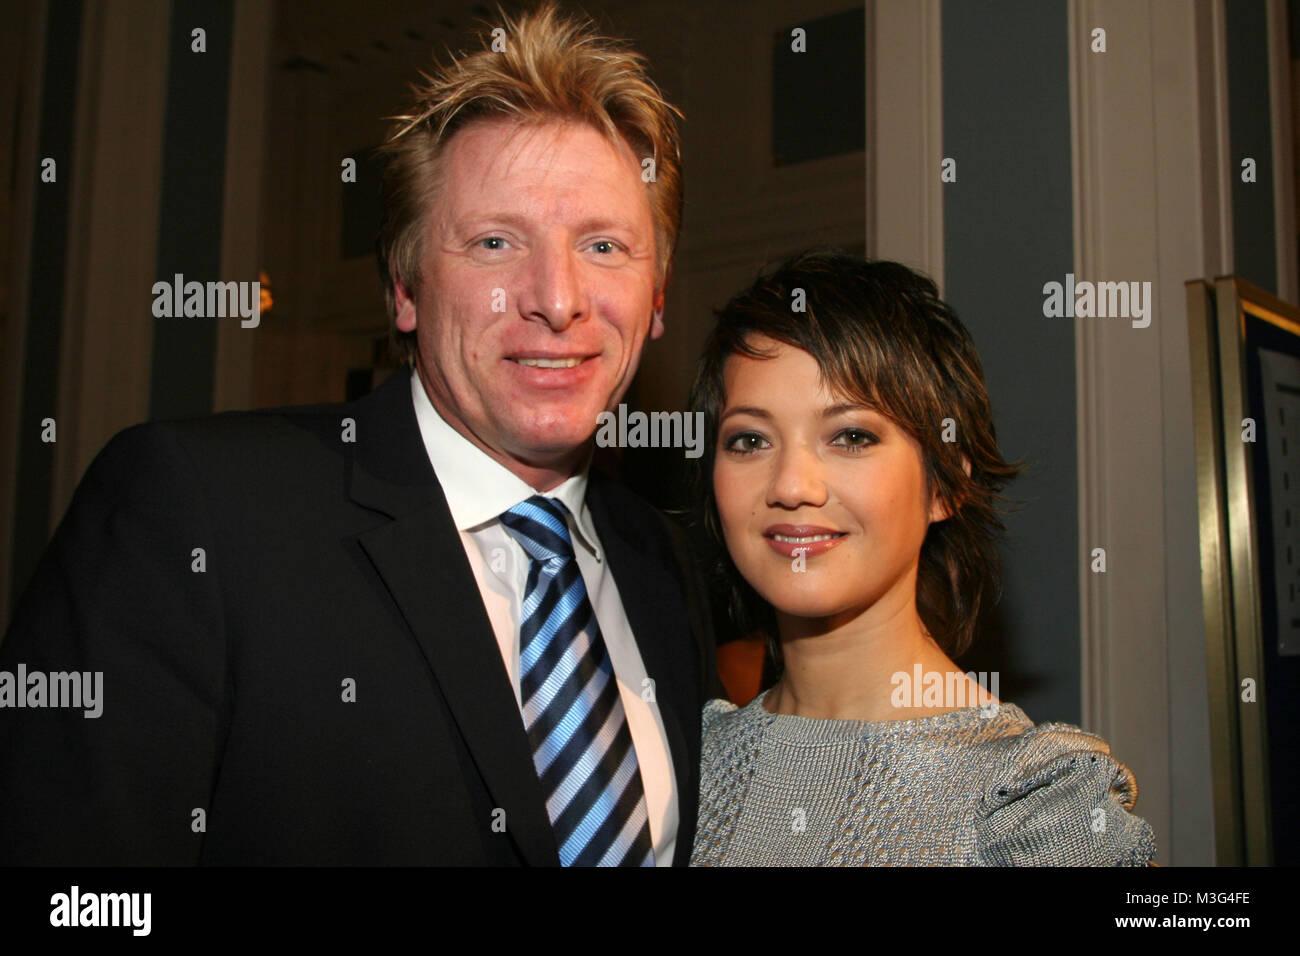 Blauer Ball 2006 im Atlantic Hotel Hamburg am 01.04.2006. Ludgar Abeln & Madeleine Wehle (Moderation) - Stock Image